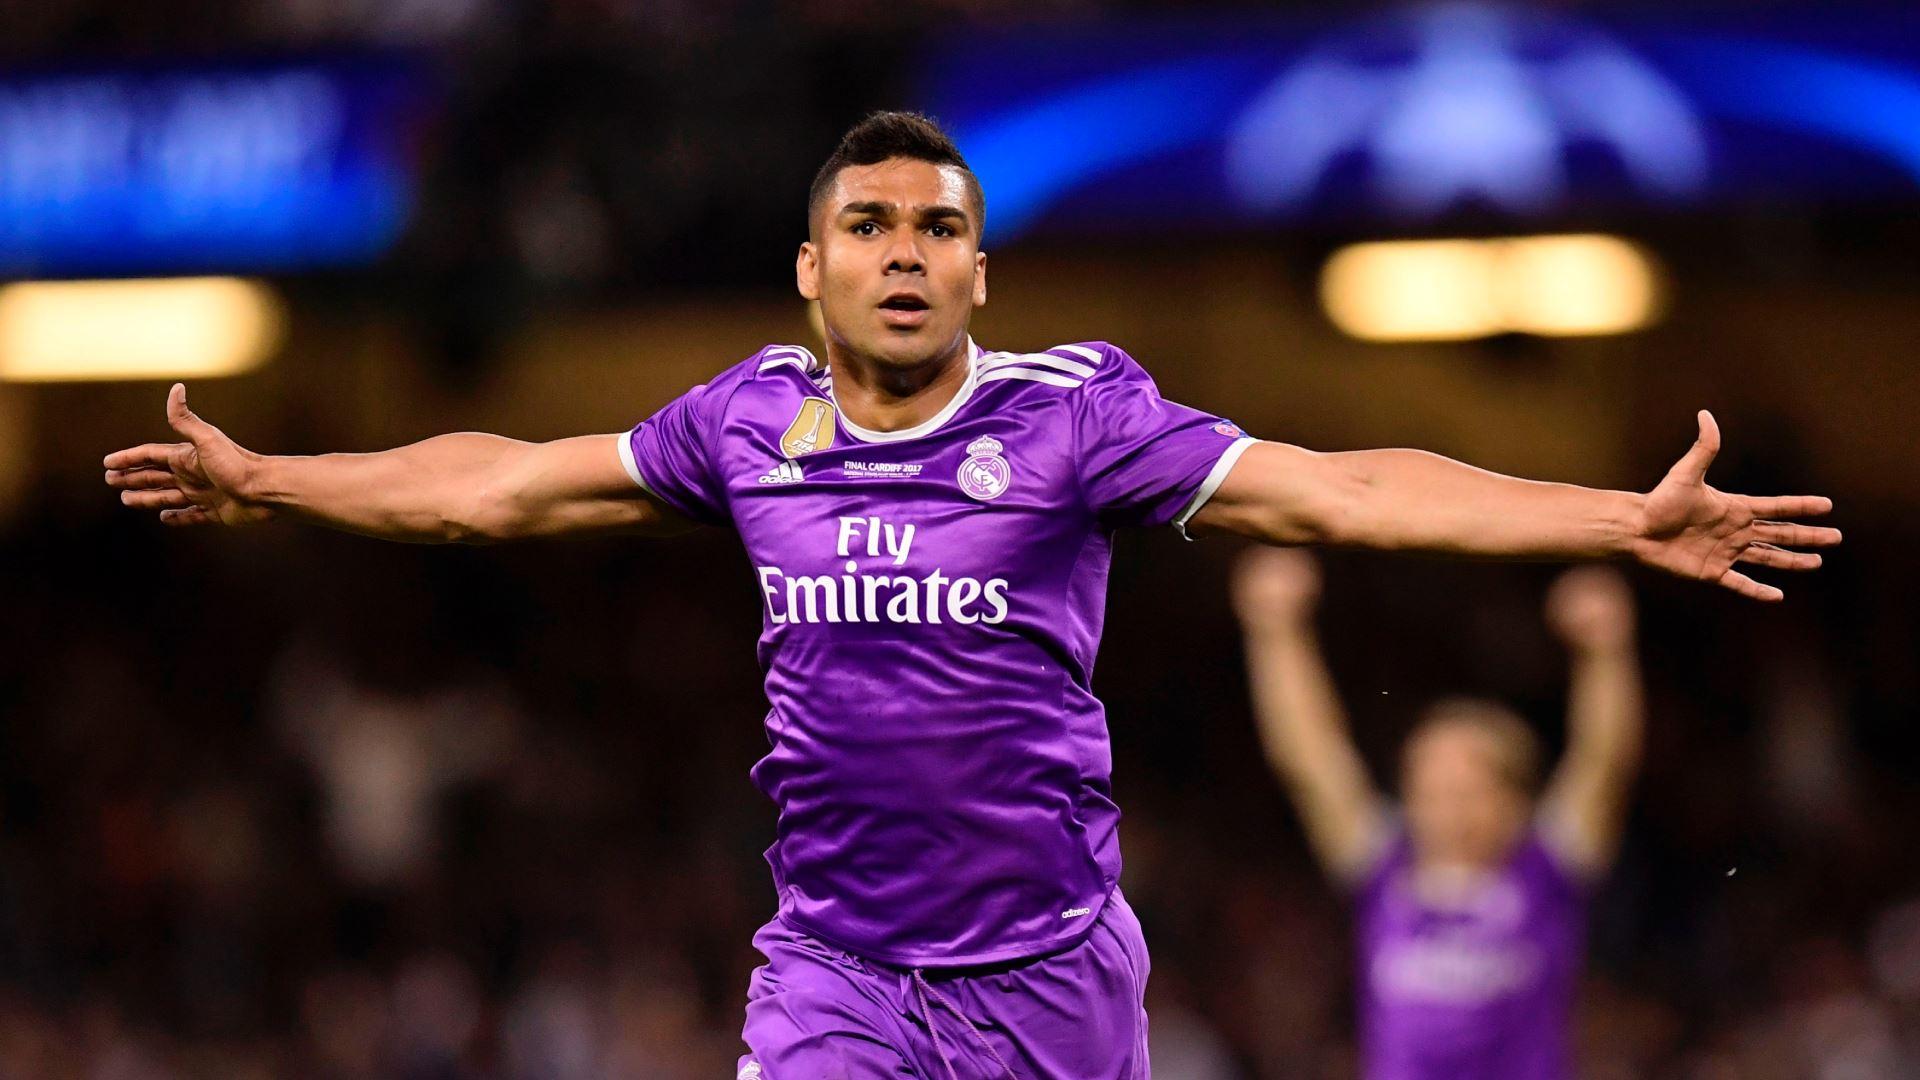 UEFA Le but de Casemiro en pétition pour le prix du meilleur